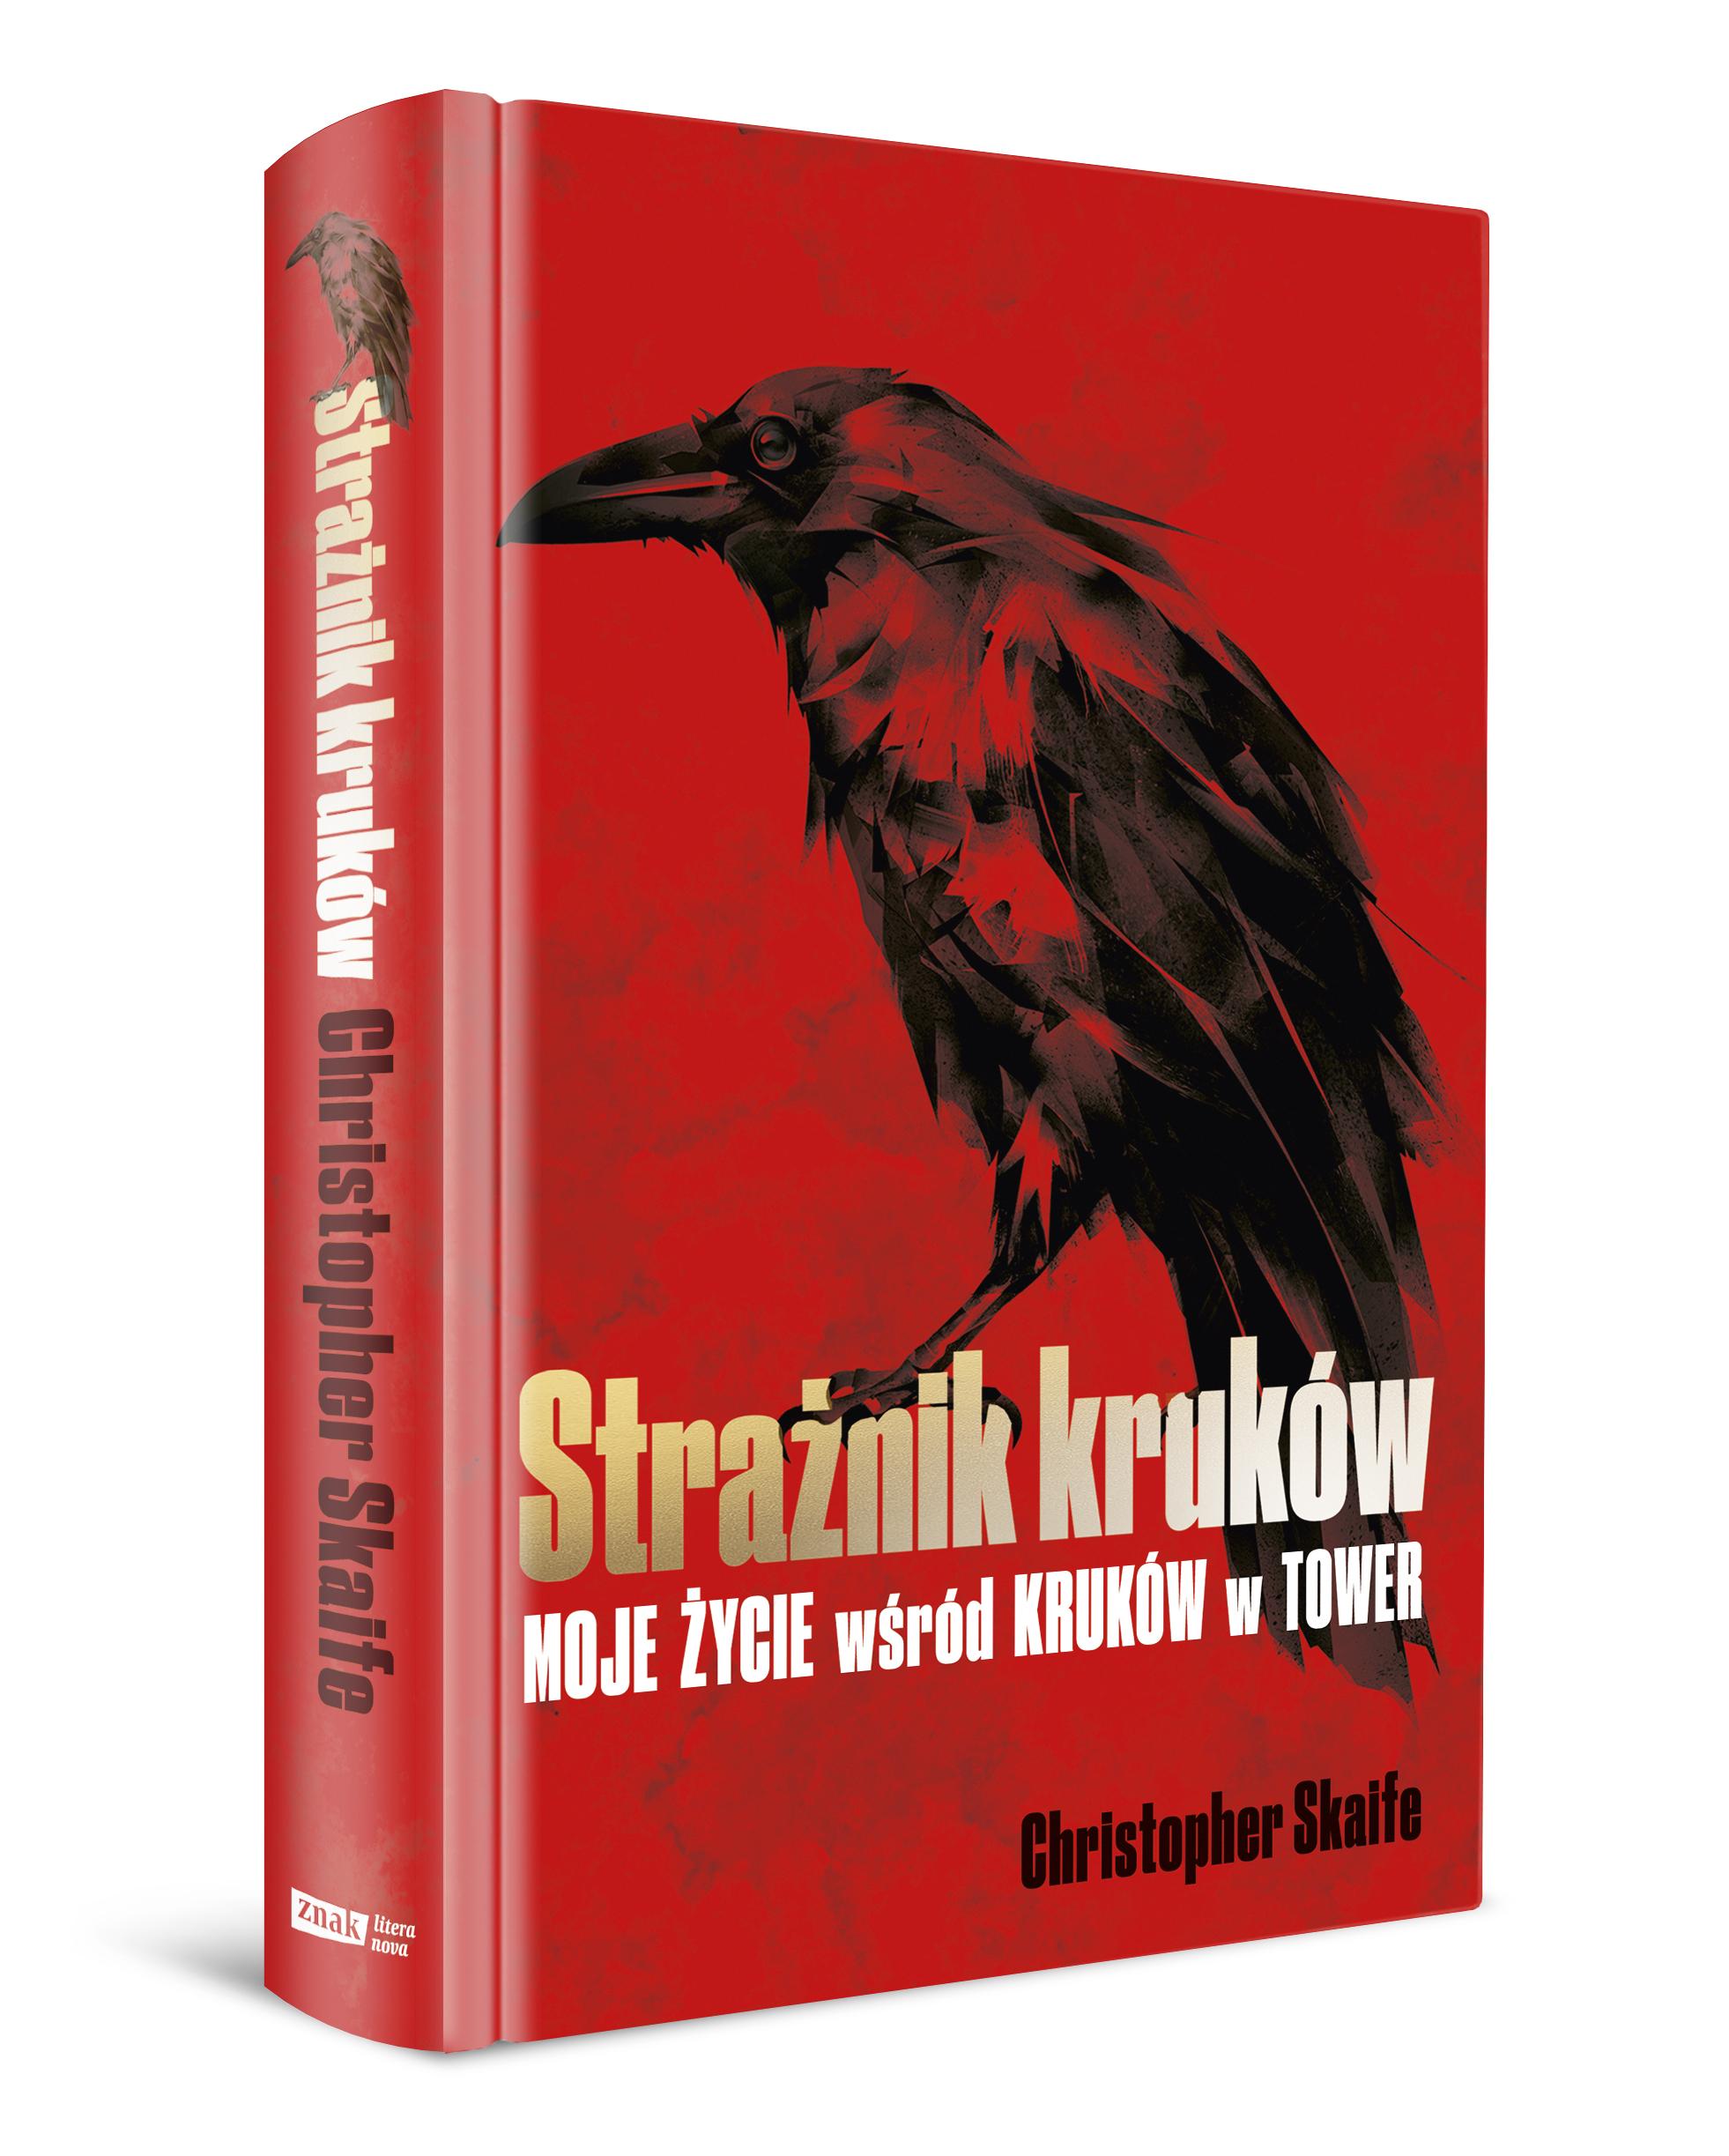 Strażnik kruków, książka o krukach, Christopher Skaife, ciekawostki o krukach, trójoka wrona gra o tron, czy kruki się bawią, recenzja, czy kruki są inteligentne, blog o dzikich zwierzętach i przyrodzie, animalistka, animalistka.pl